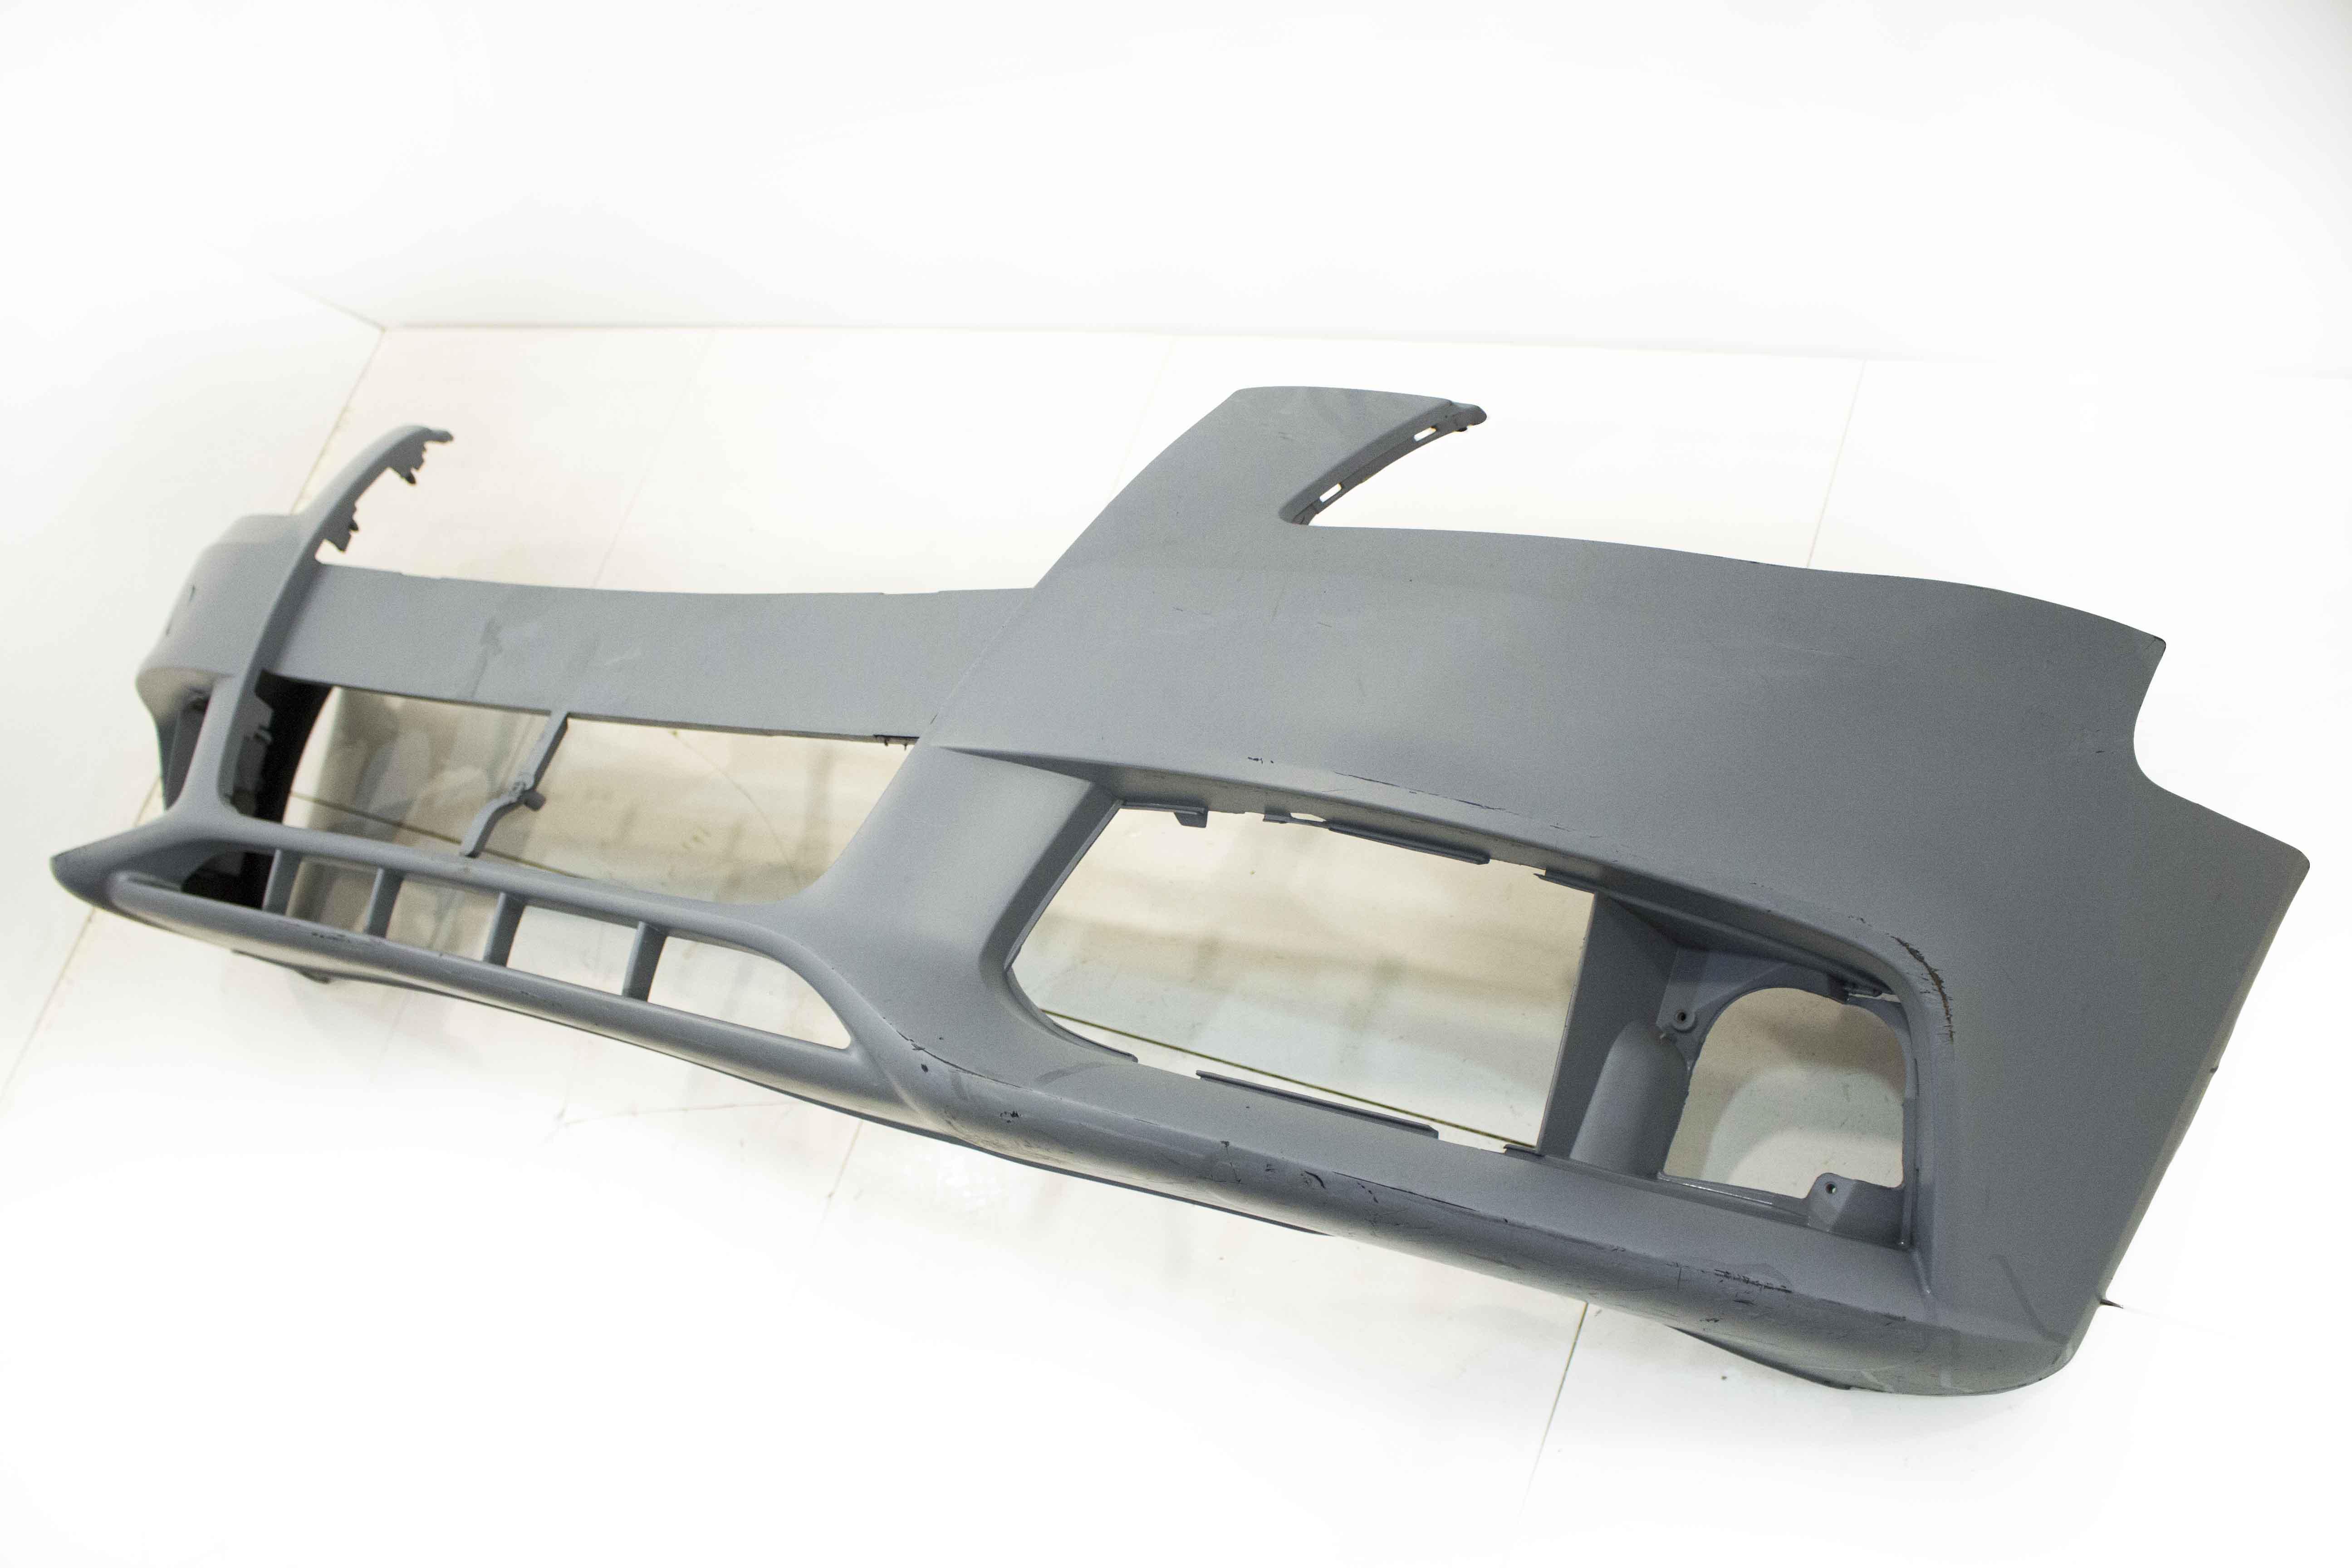 Nowy Zderzak Przód Przedni Zamiennik Audi A4 B8 8k0 Sklep Eteilepl